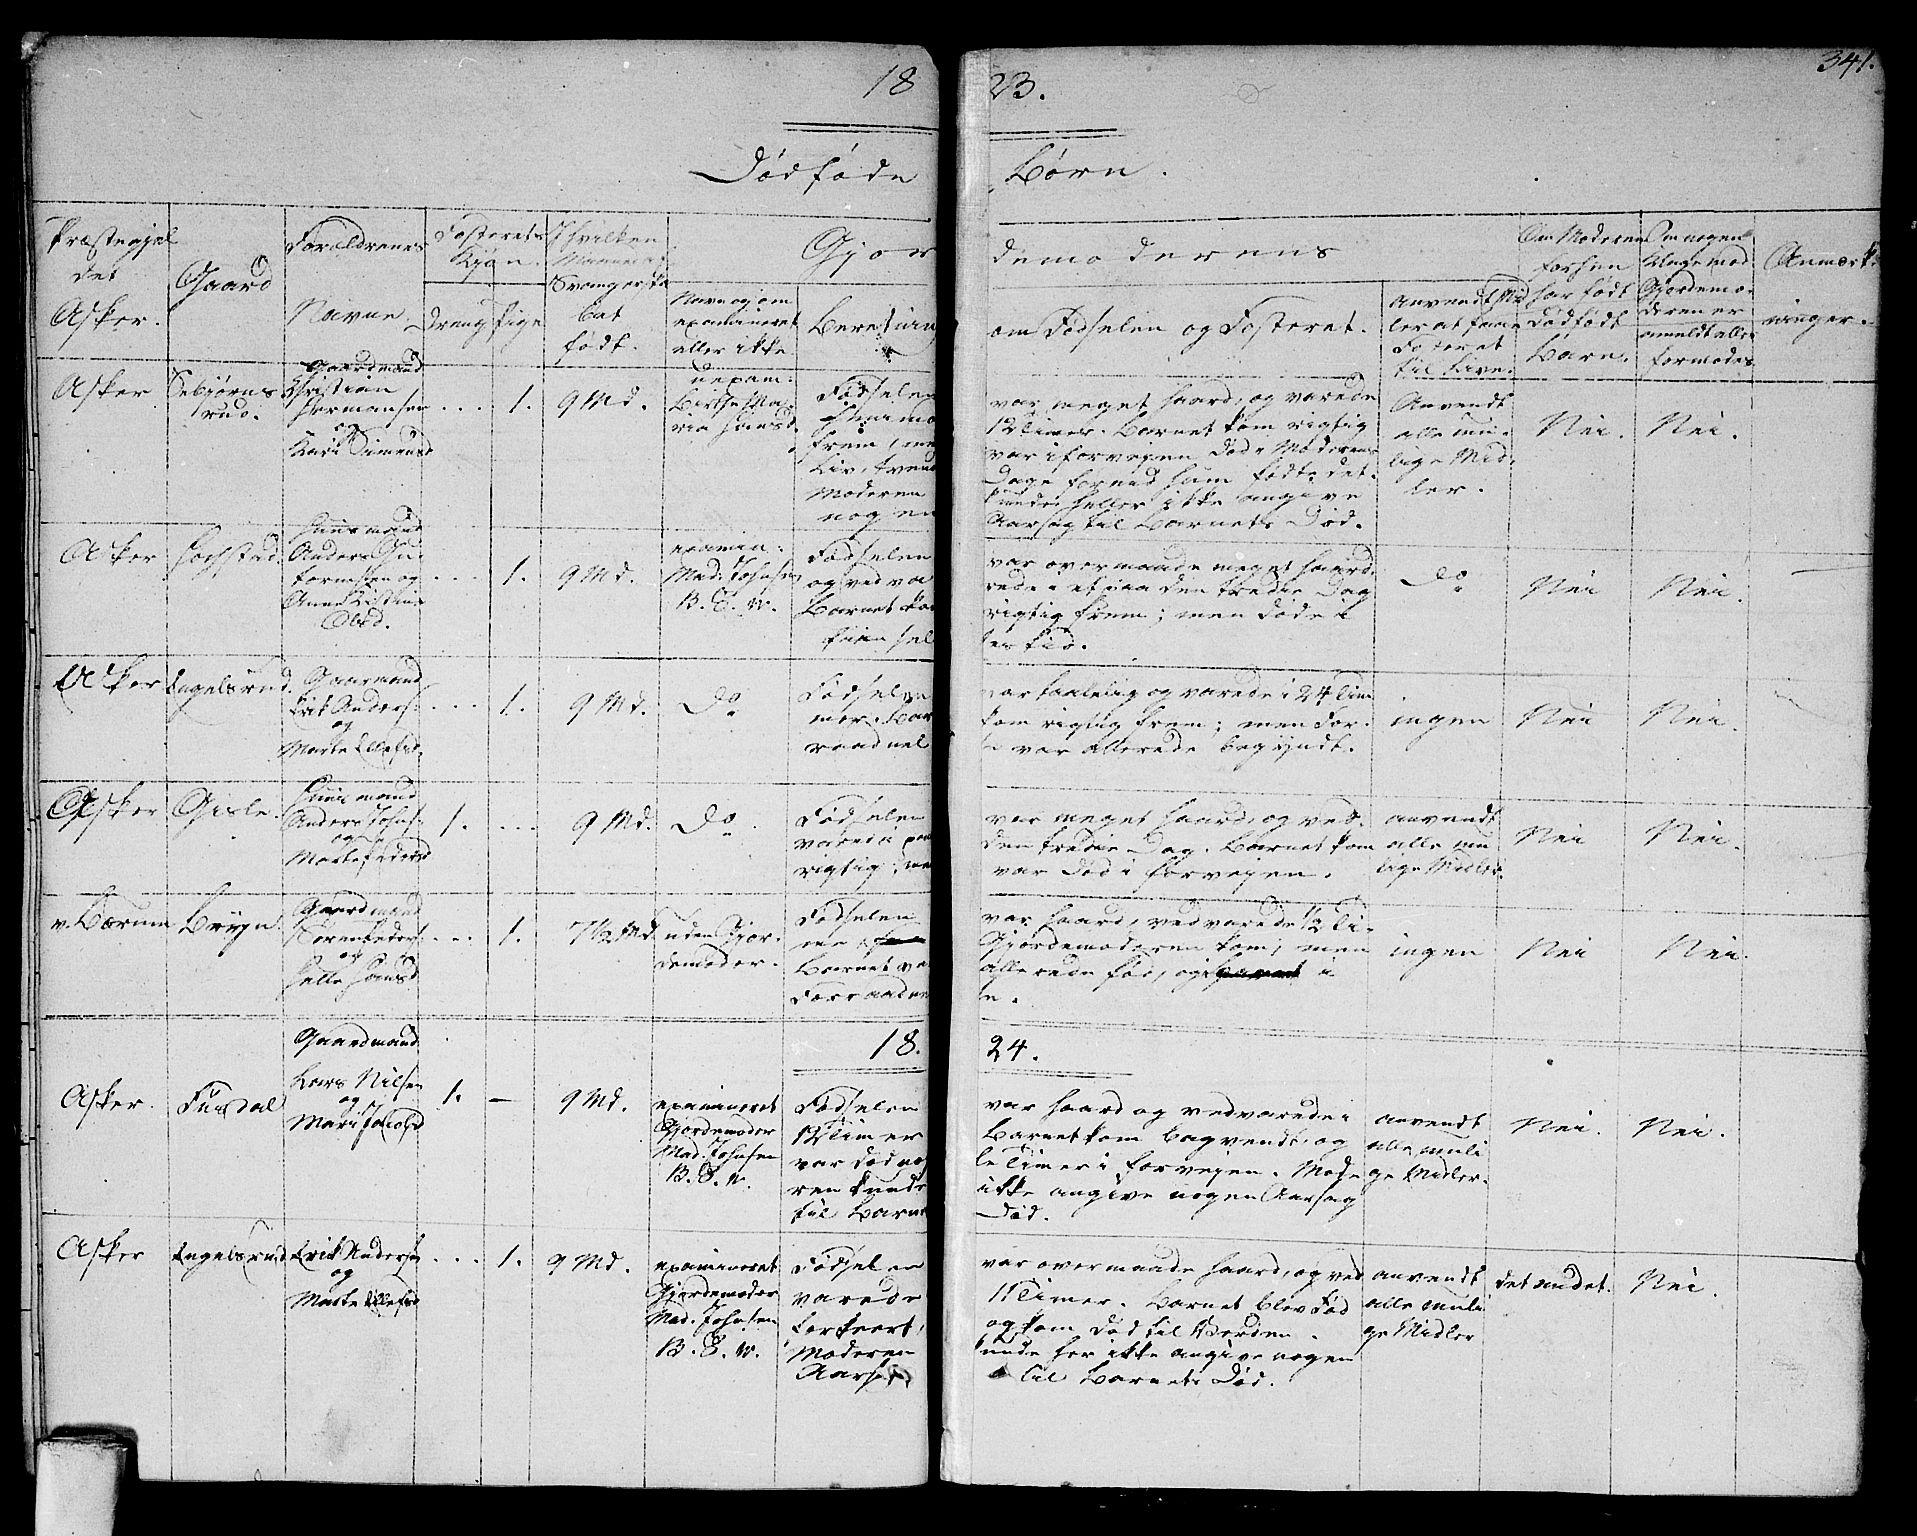 SAO, Asker prestekontor Kirkebøker, F/Fa/L0005: Ministerialbok nr. I 5, 1807-1813, s. 341